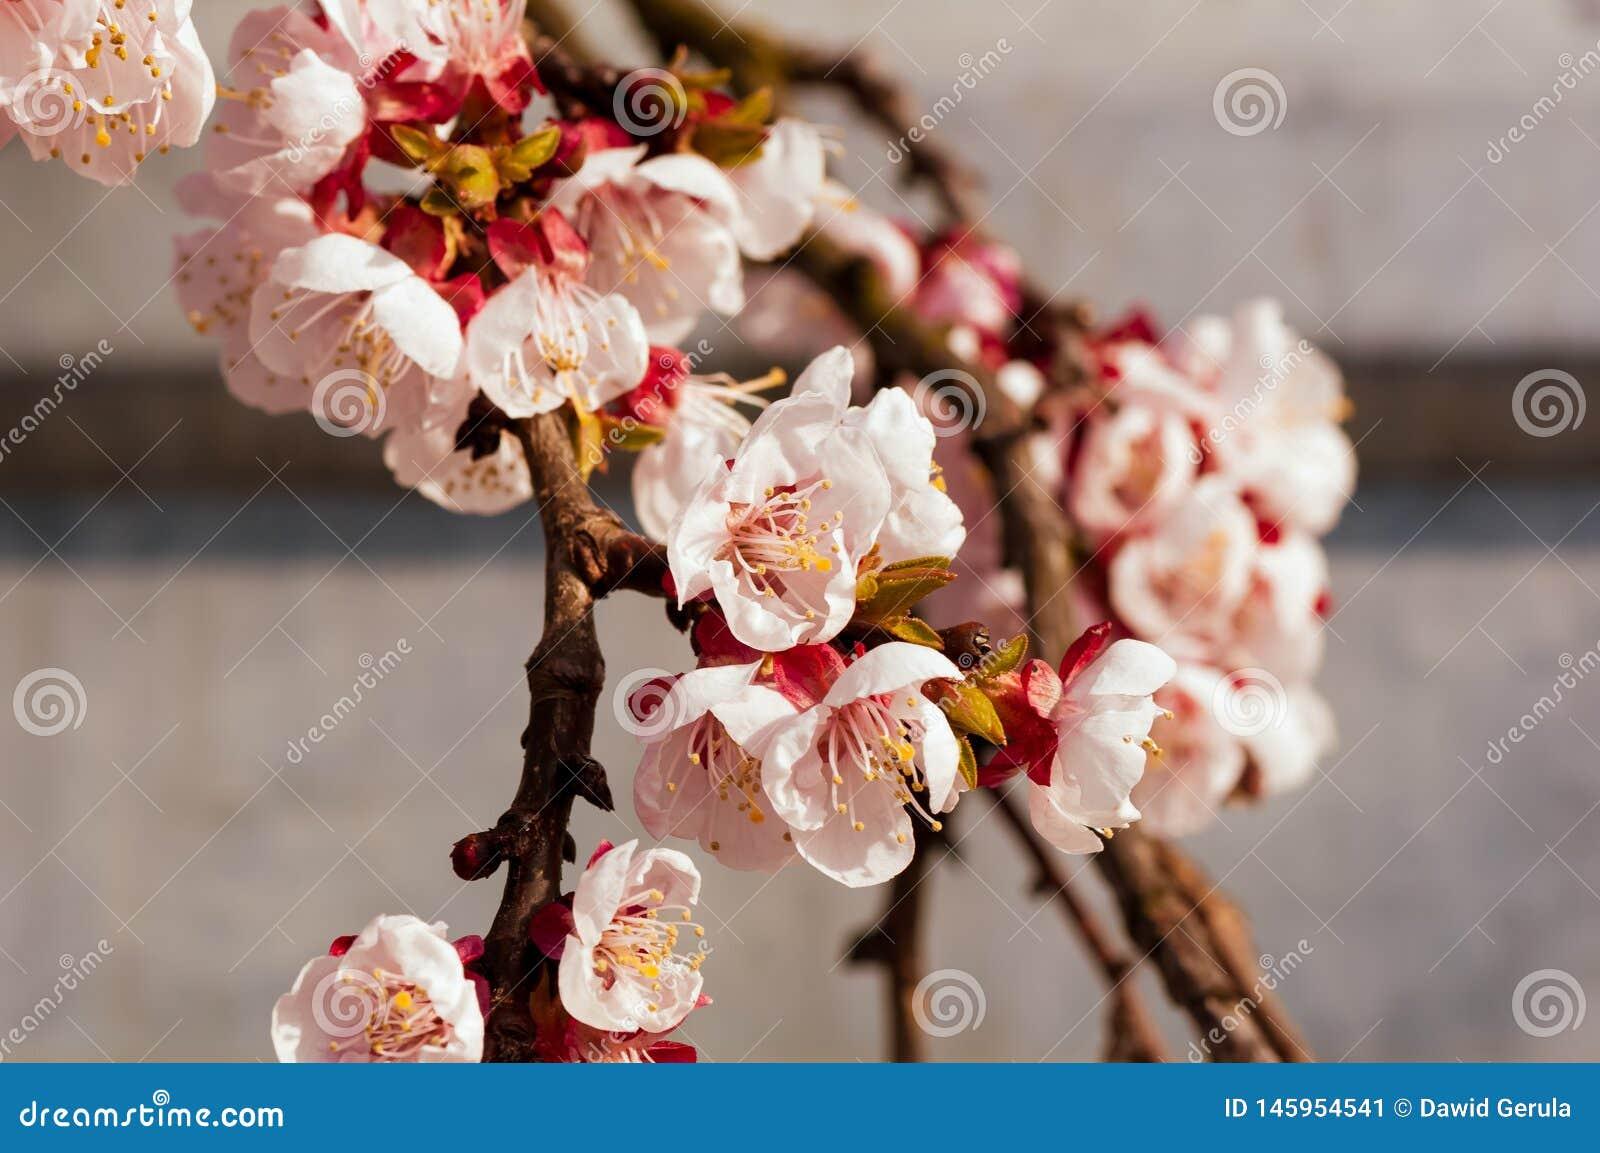 Bl?hender japanischer Kirschbaum Bl?hen wei?e, rosa Kirschbl?te-Blumen mit hellen wei?en Blumen im Hintergrund